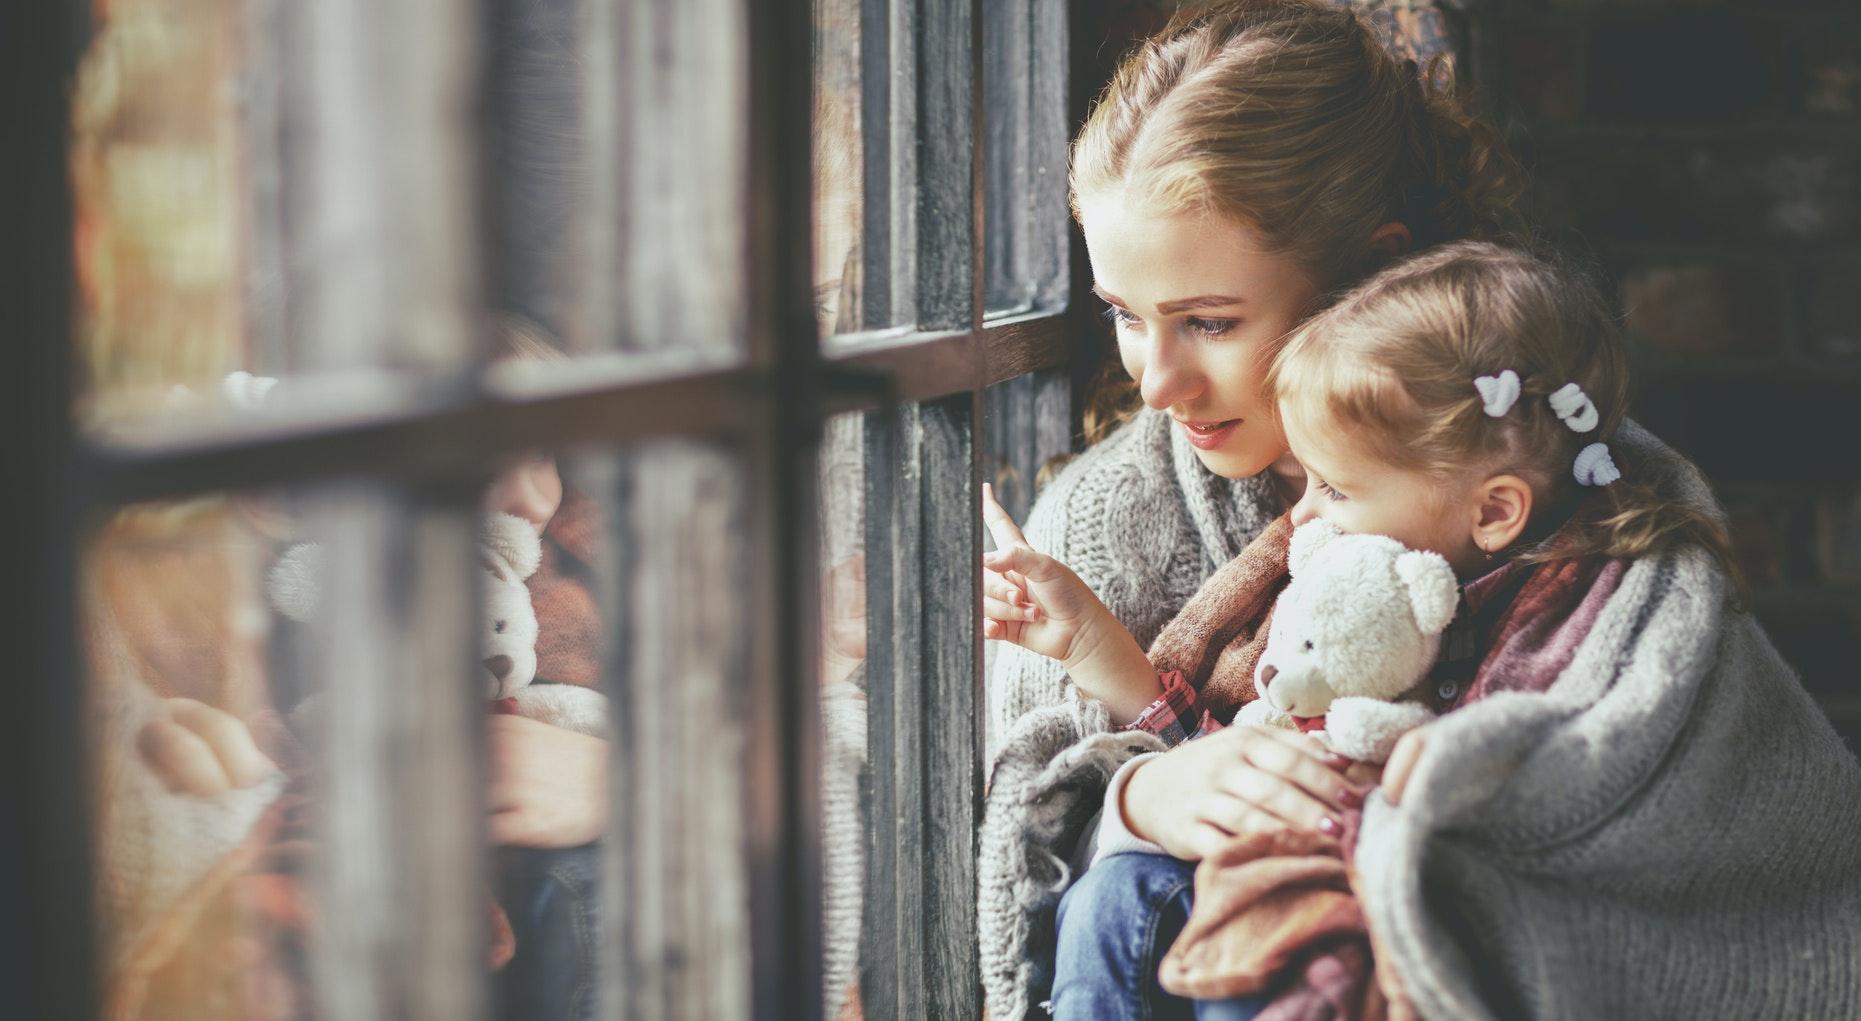 Enfants : leurs questions sur la mort